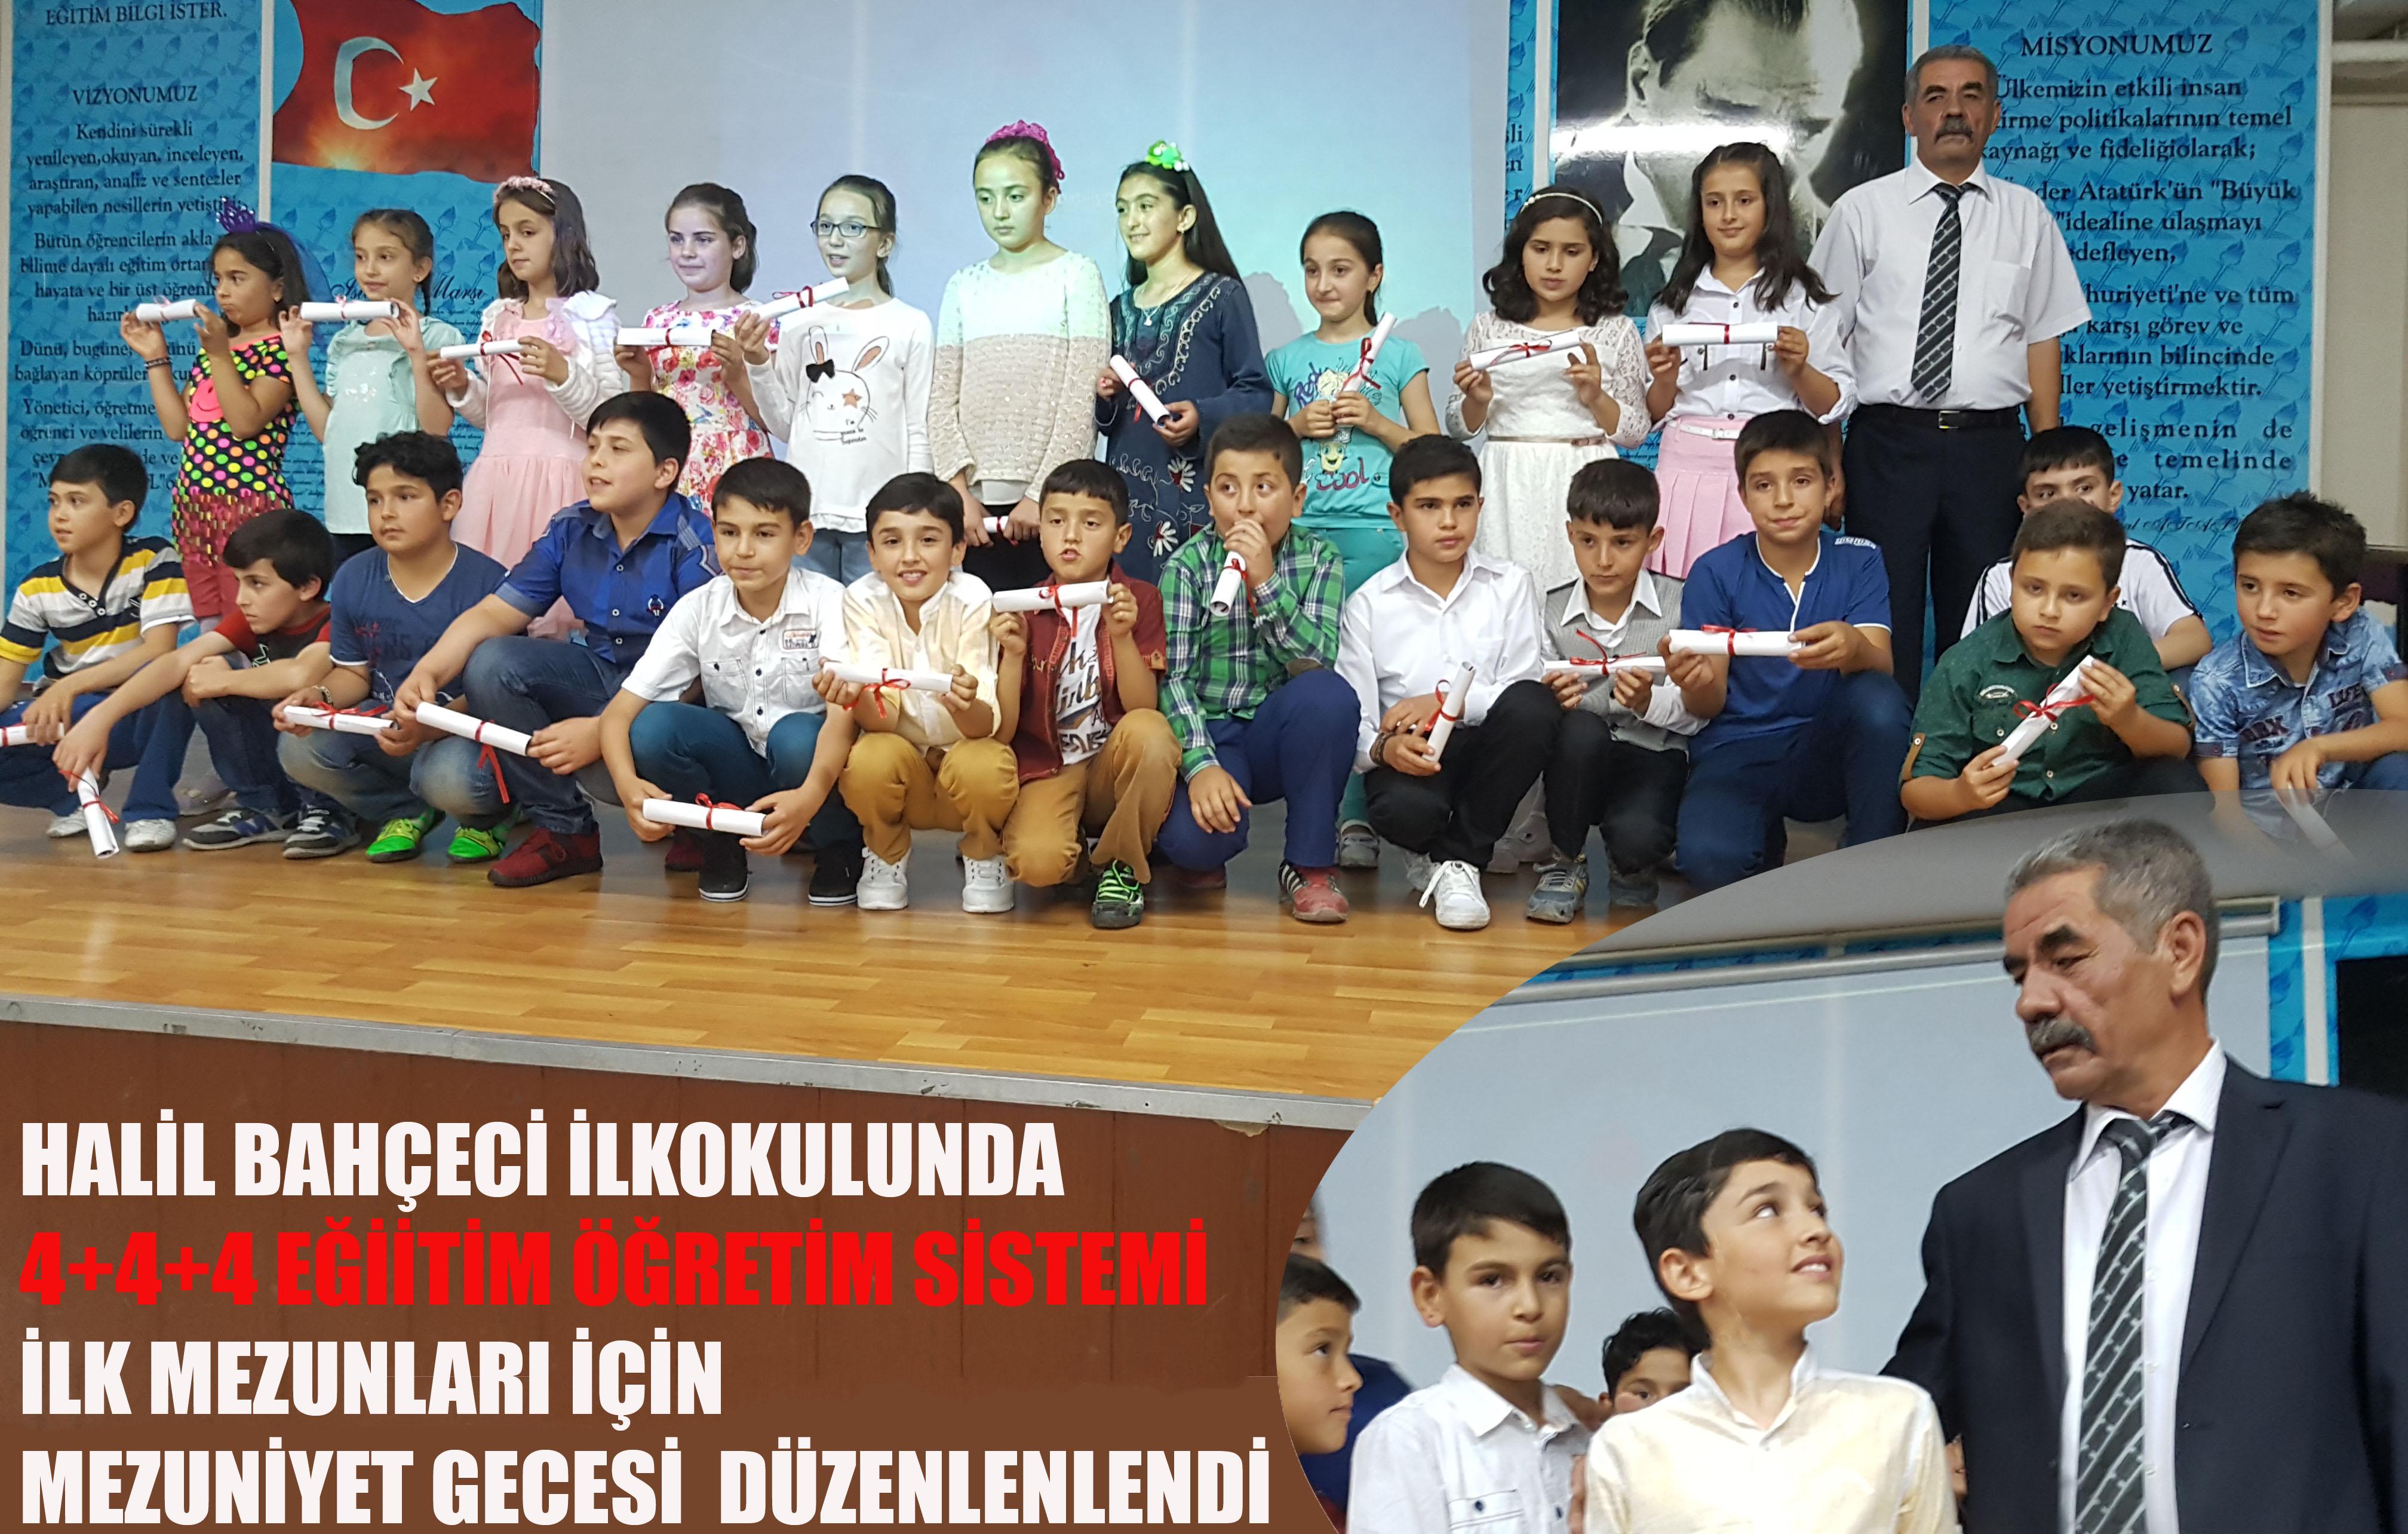 Halil Bahçeci İlkokulu'nda mezuniyet coşkusu!